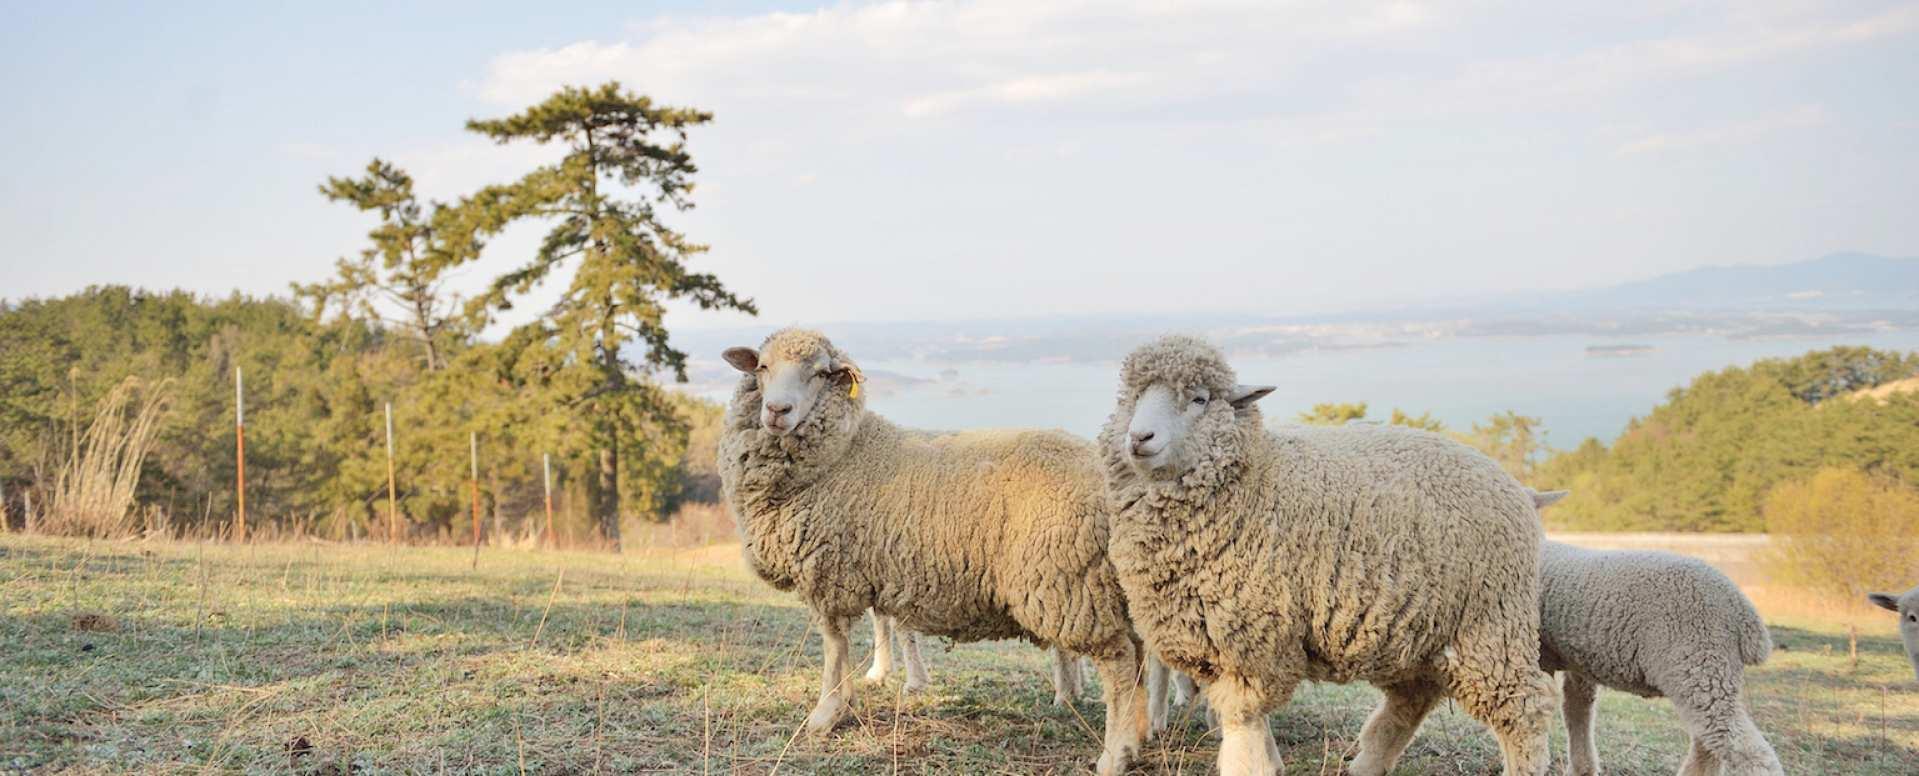 【韓國南海一日遊】錦山菩提庵、加川梯田村、南海羊牧場(釜山出發)